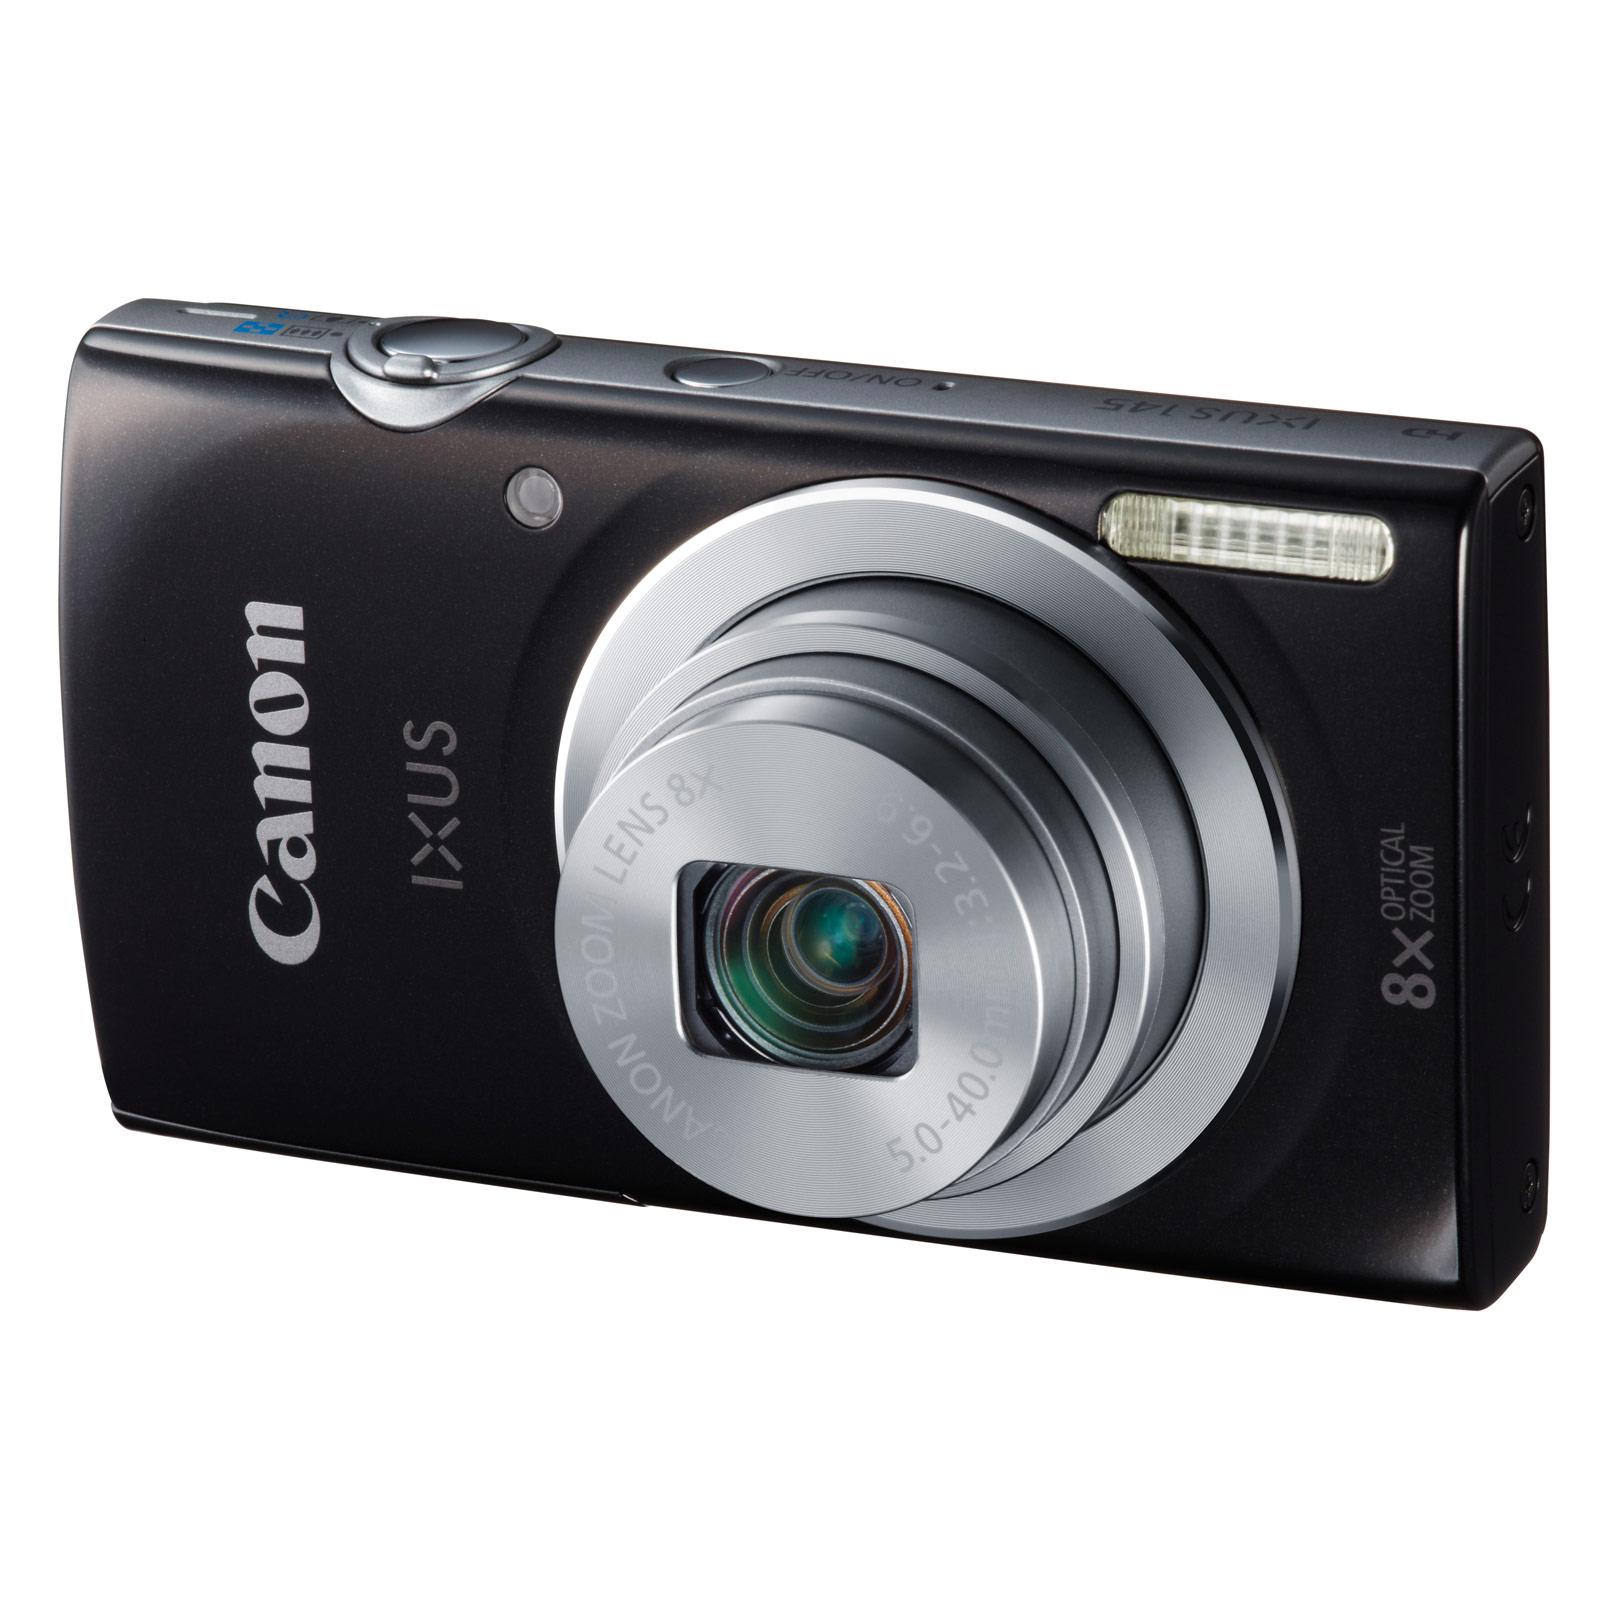 canon ixus 145 noir appareil photo num rique canon sur ldlc. Black Bedroom Furniture Sets. Home Design Ideas